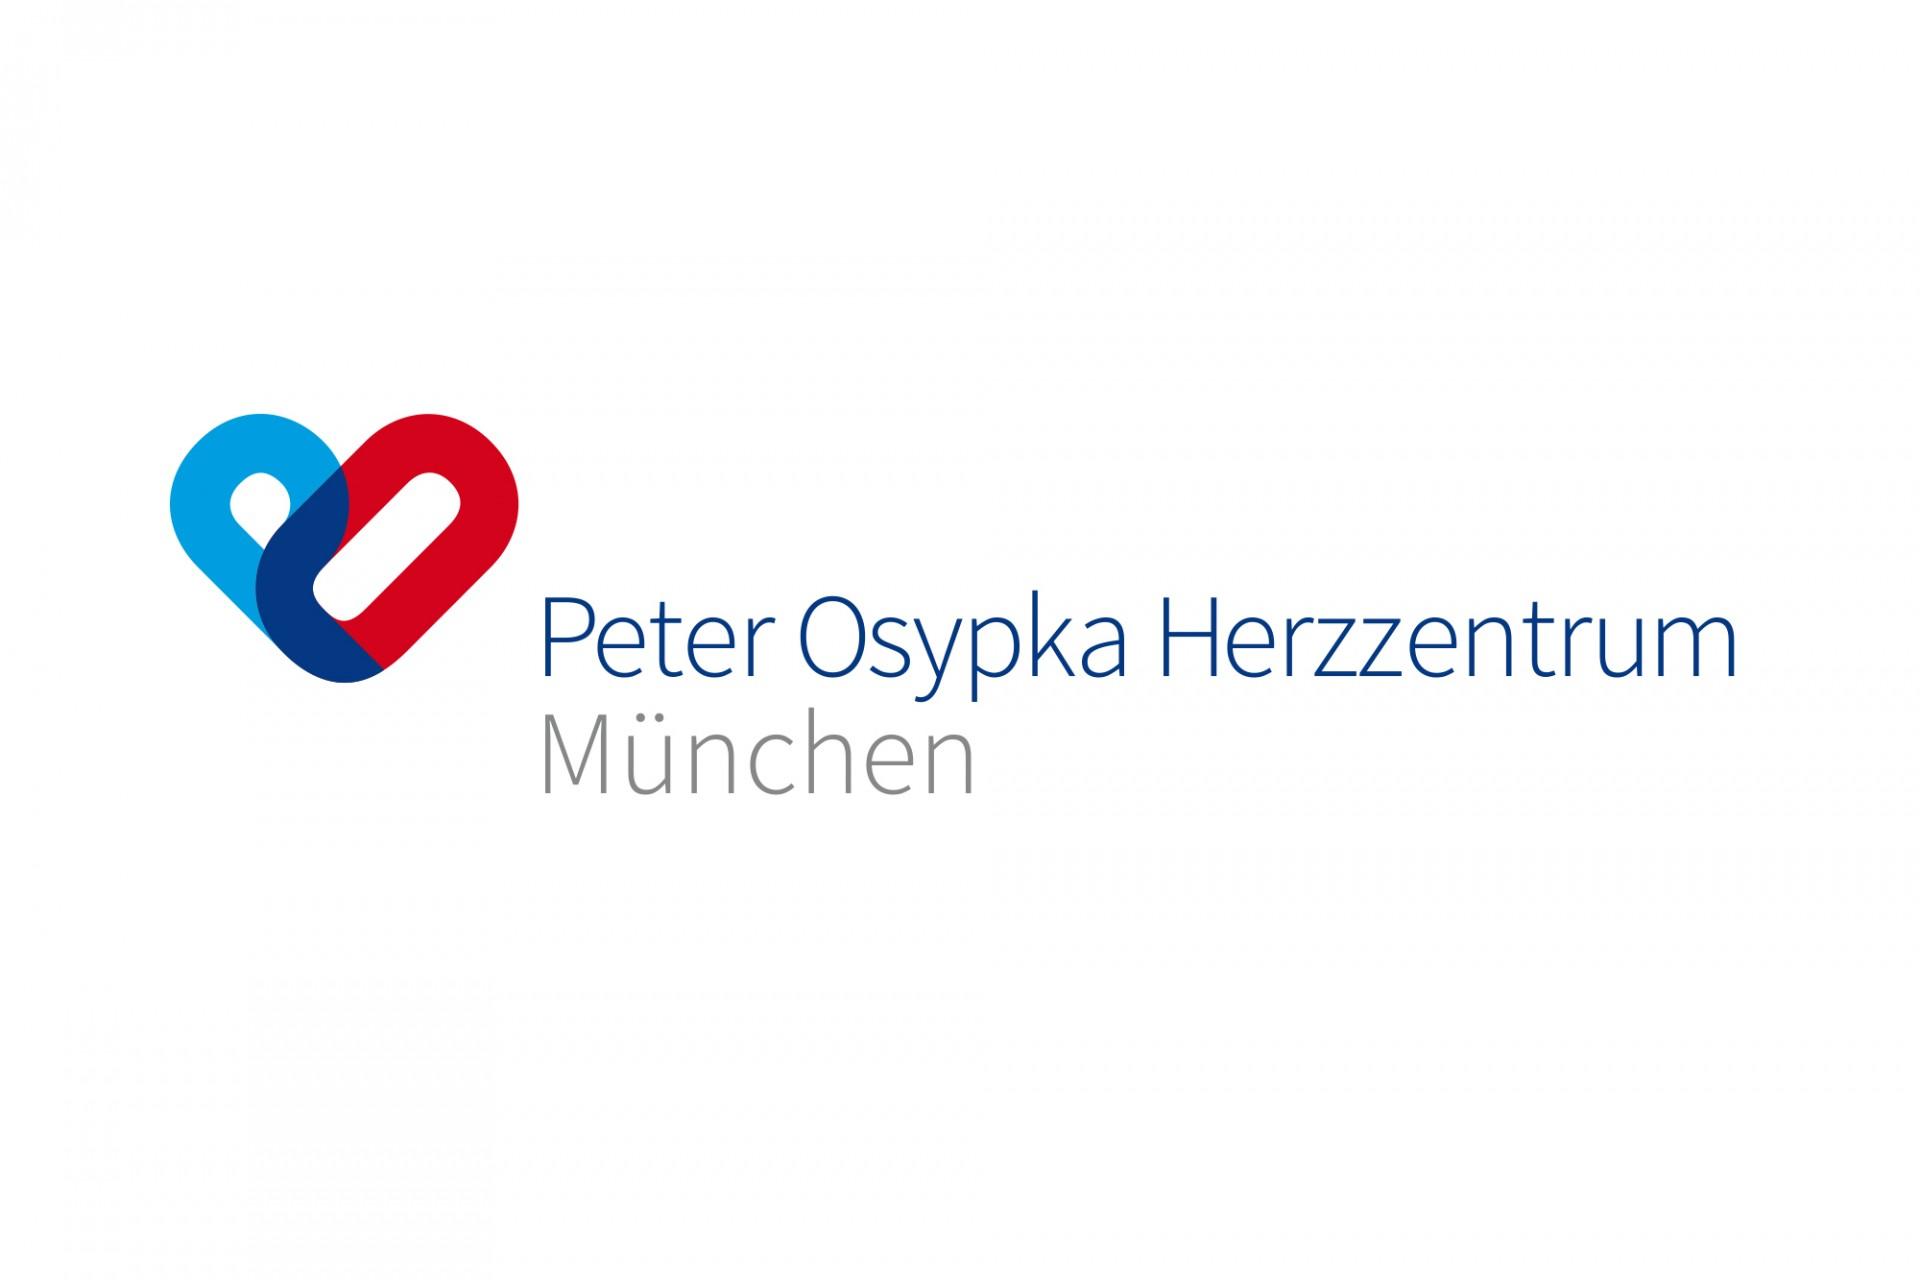 Gestaltanstalt Logoentwicklung Herzzentrum